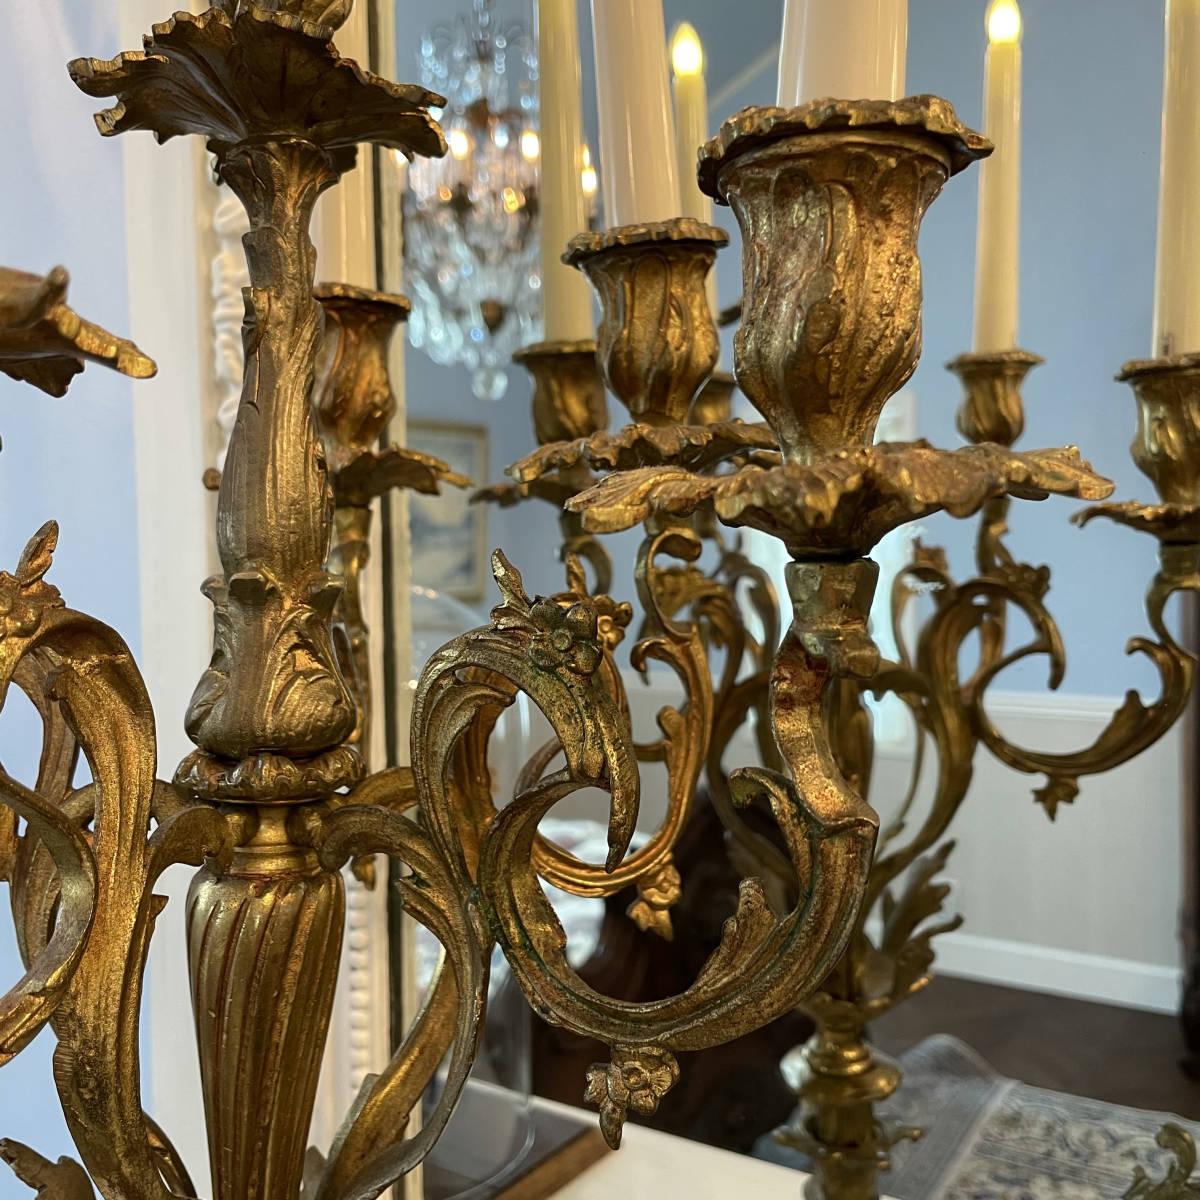 フランスアンティーク キャンドルスタンド ペア ルイ15世様式 ロココ アンティーク シャンデリア 蝋台 大型 セット_画像9